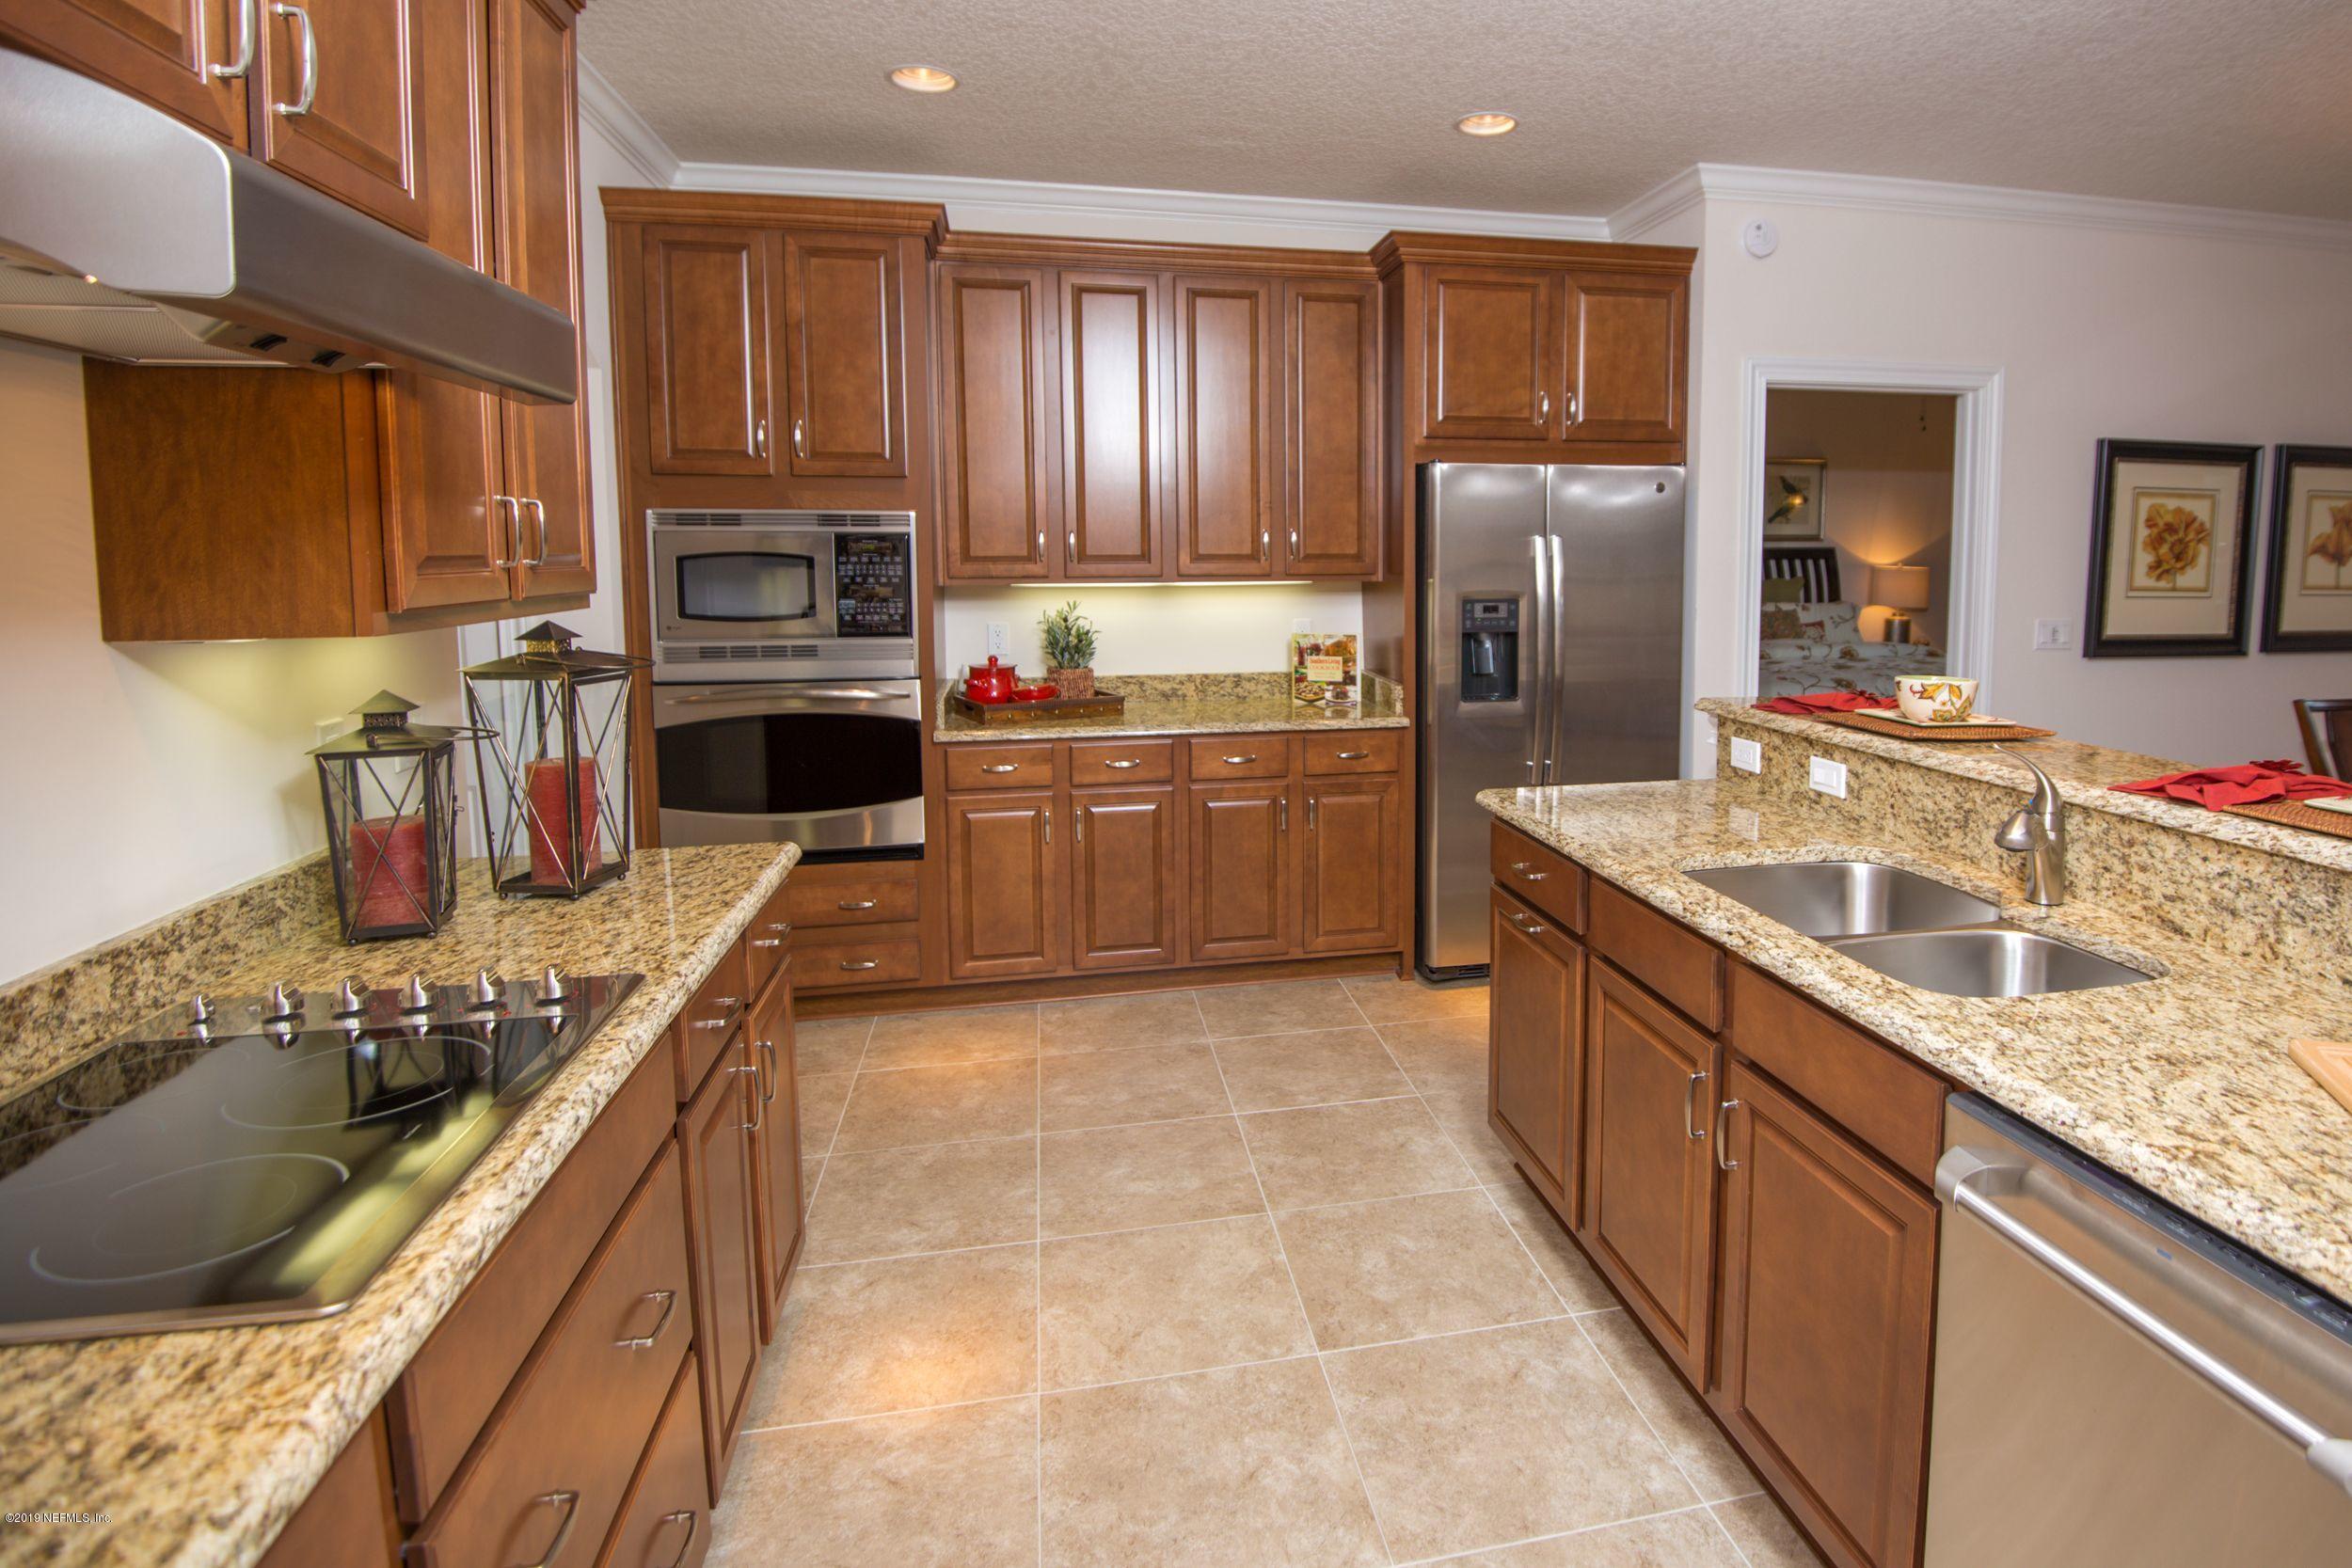 17 ALAFIA, ST AUGUSTINE, FLORIDA 32084, 2 Bedrooms Bedrooms, ,2 BathroomsBathrooms,Condo,For sale,ALAFIA,995572